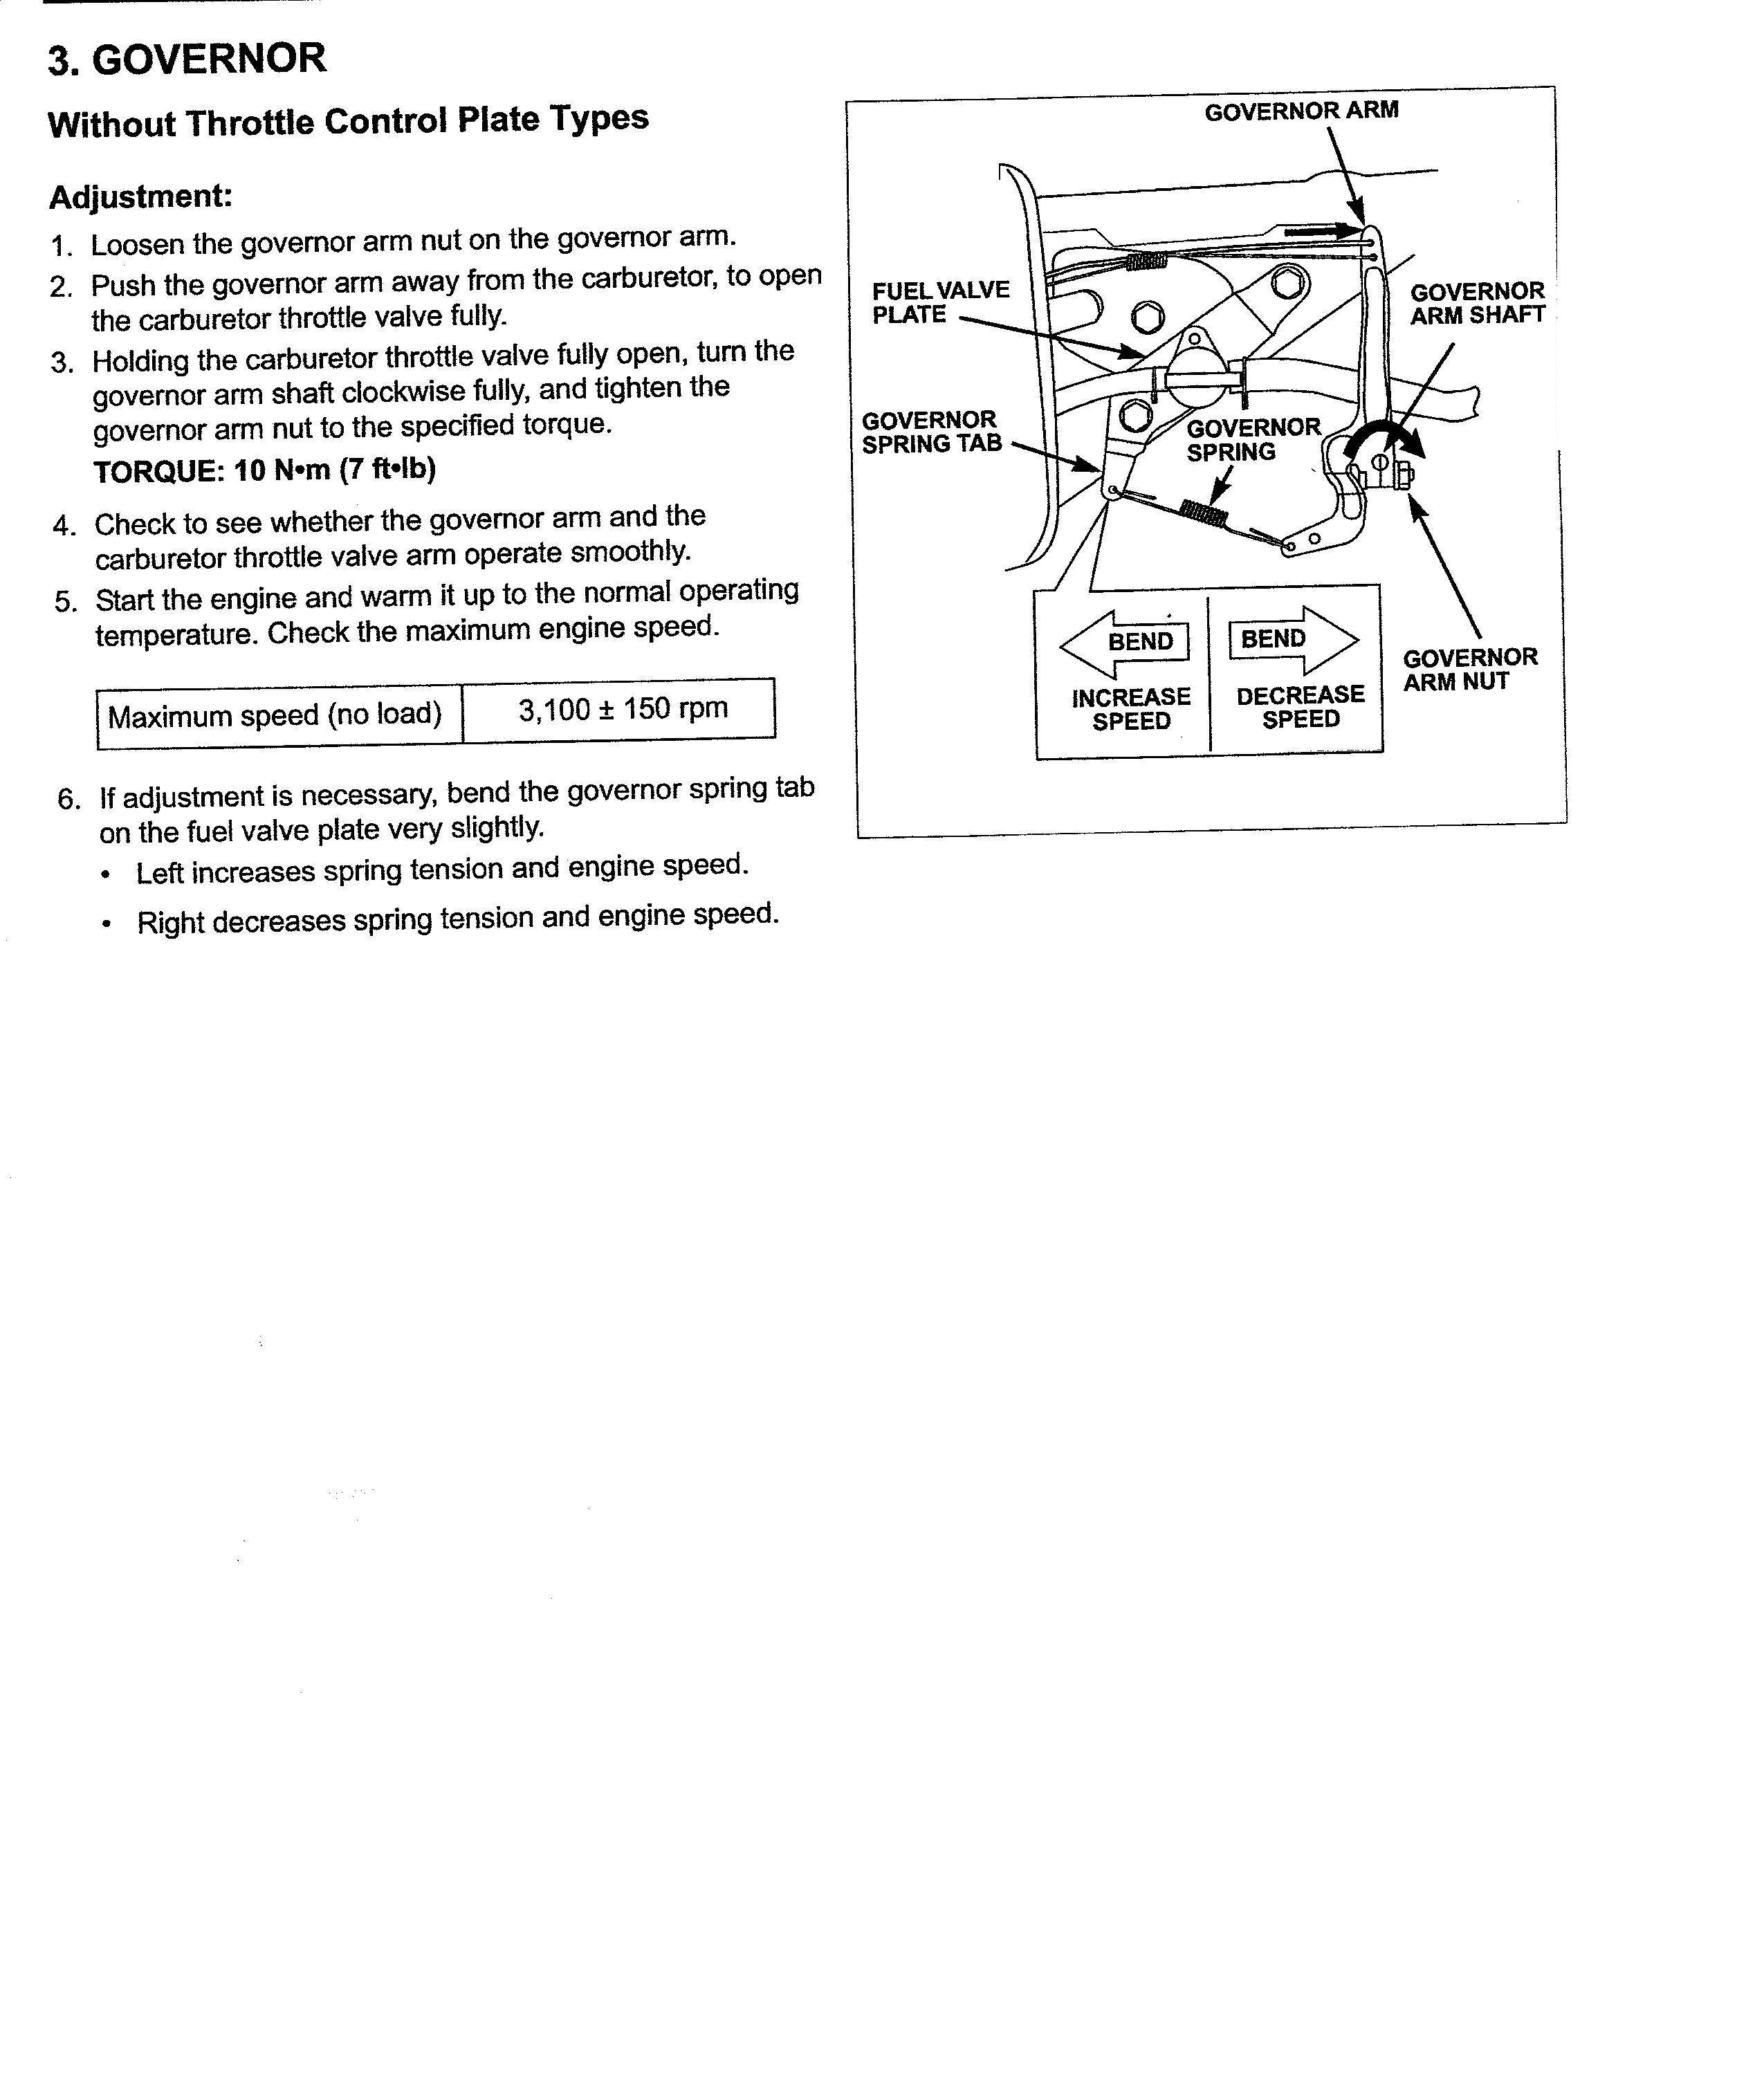 Manual for Honda 160cc engine on Troy Bilt 11a542q711 lawn mower?